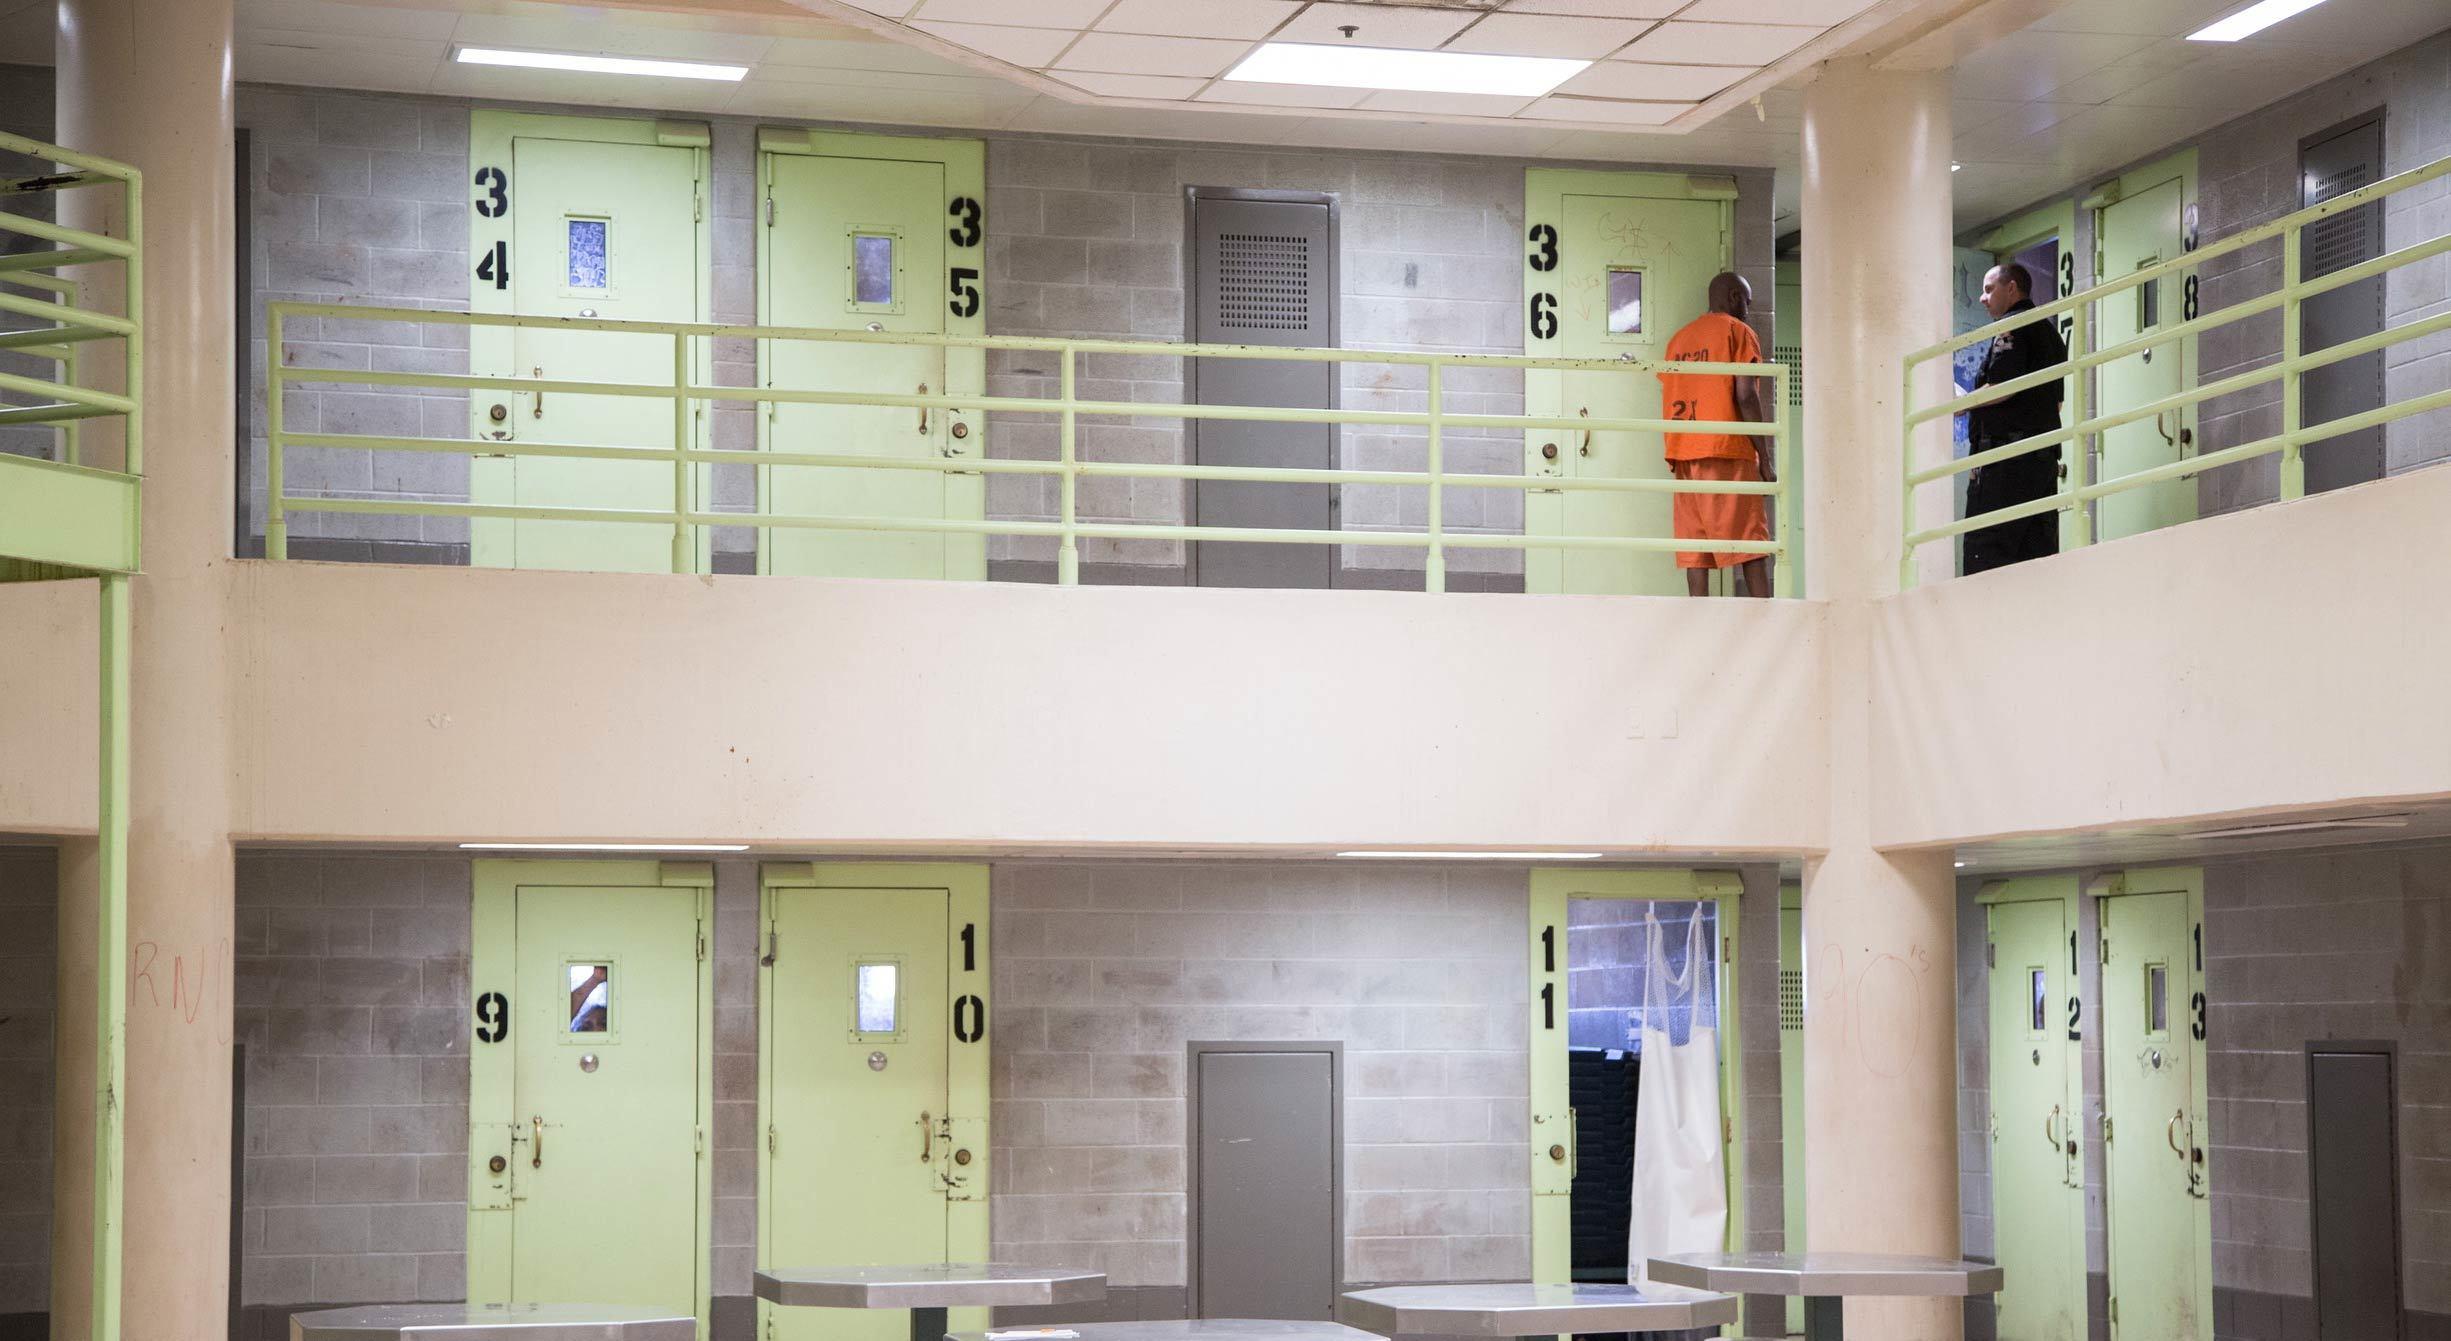 Thunder In Okc Jail Chapt1